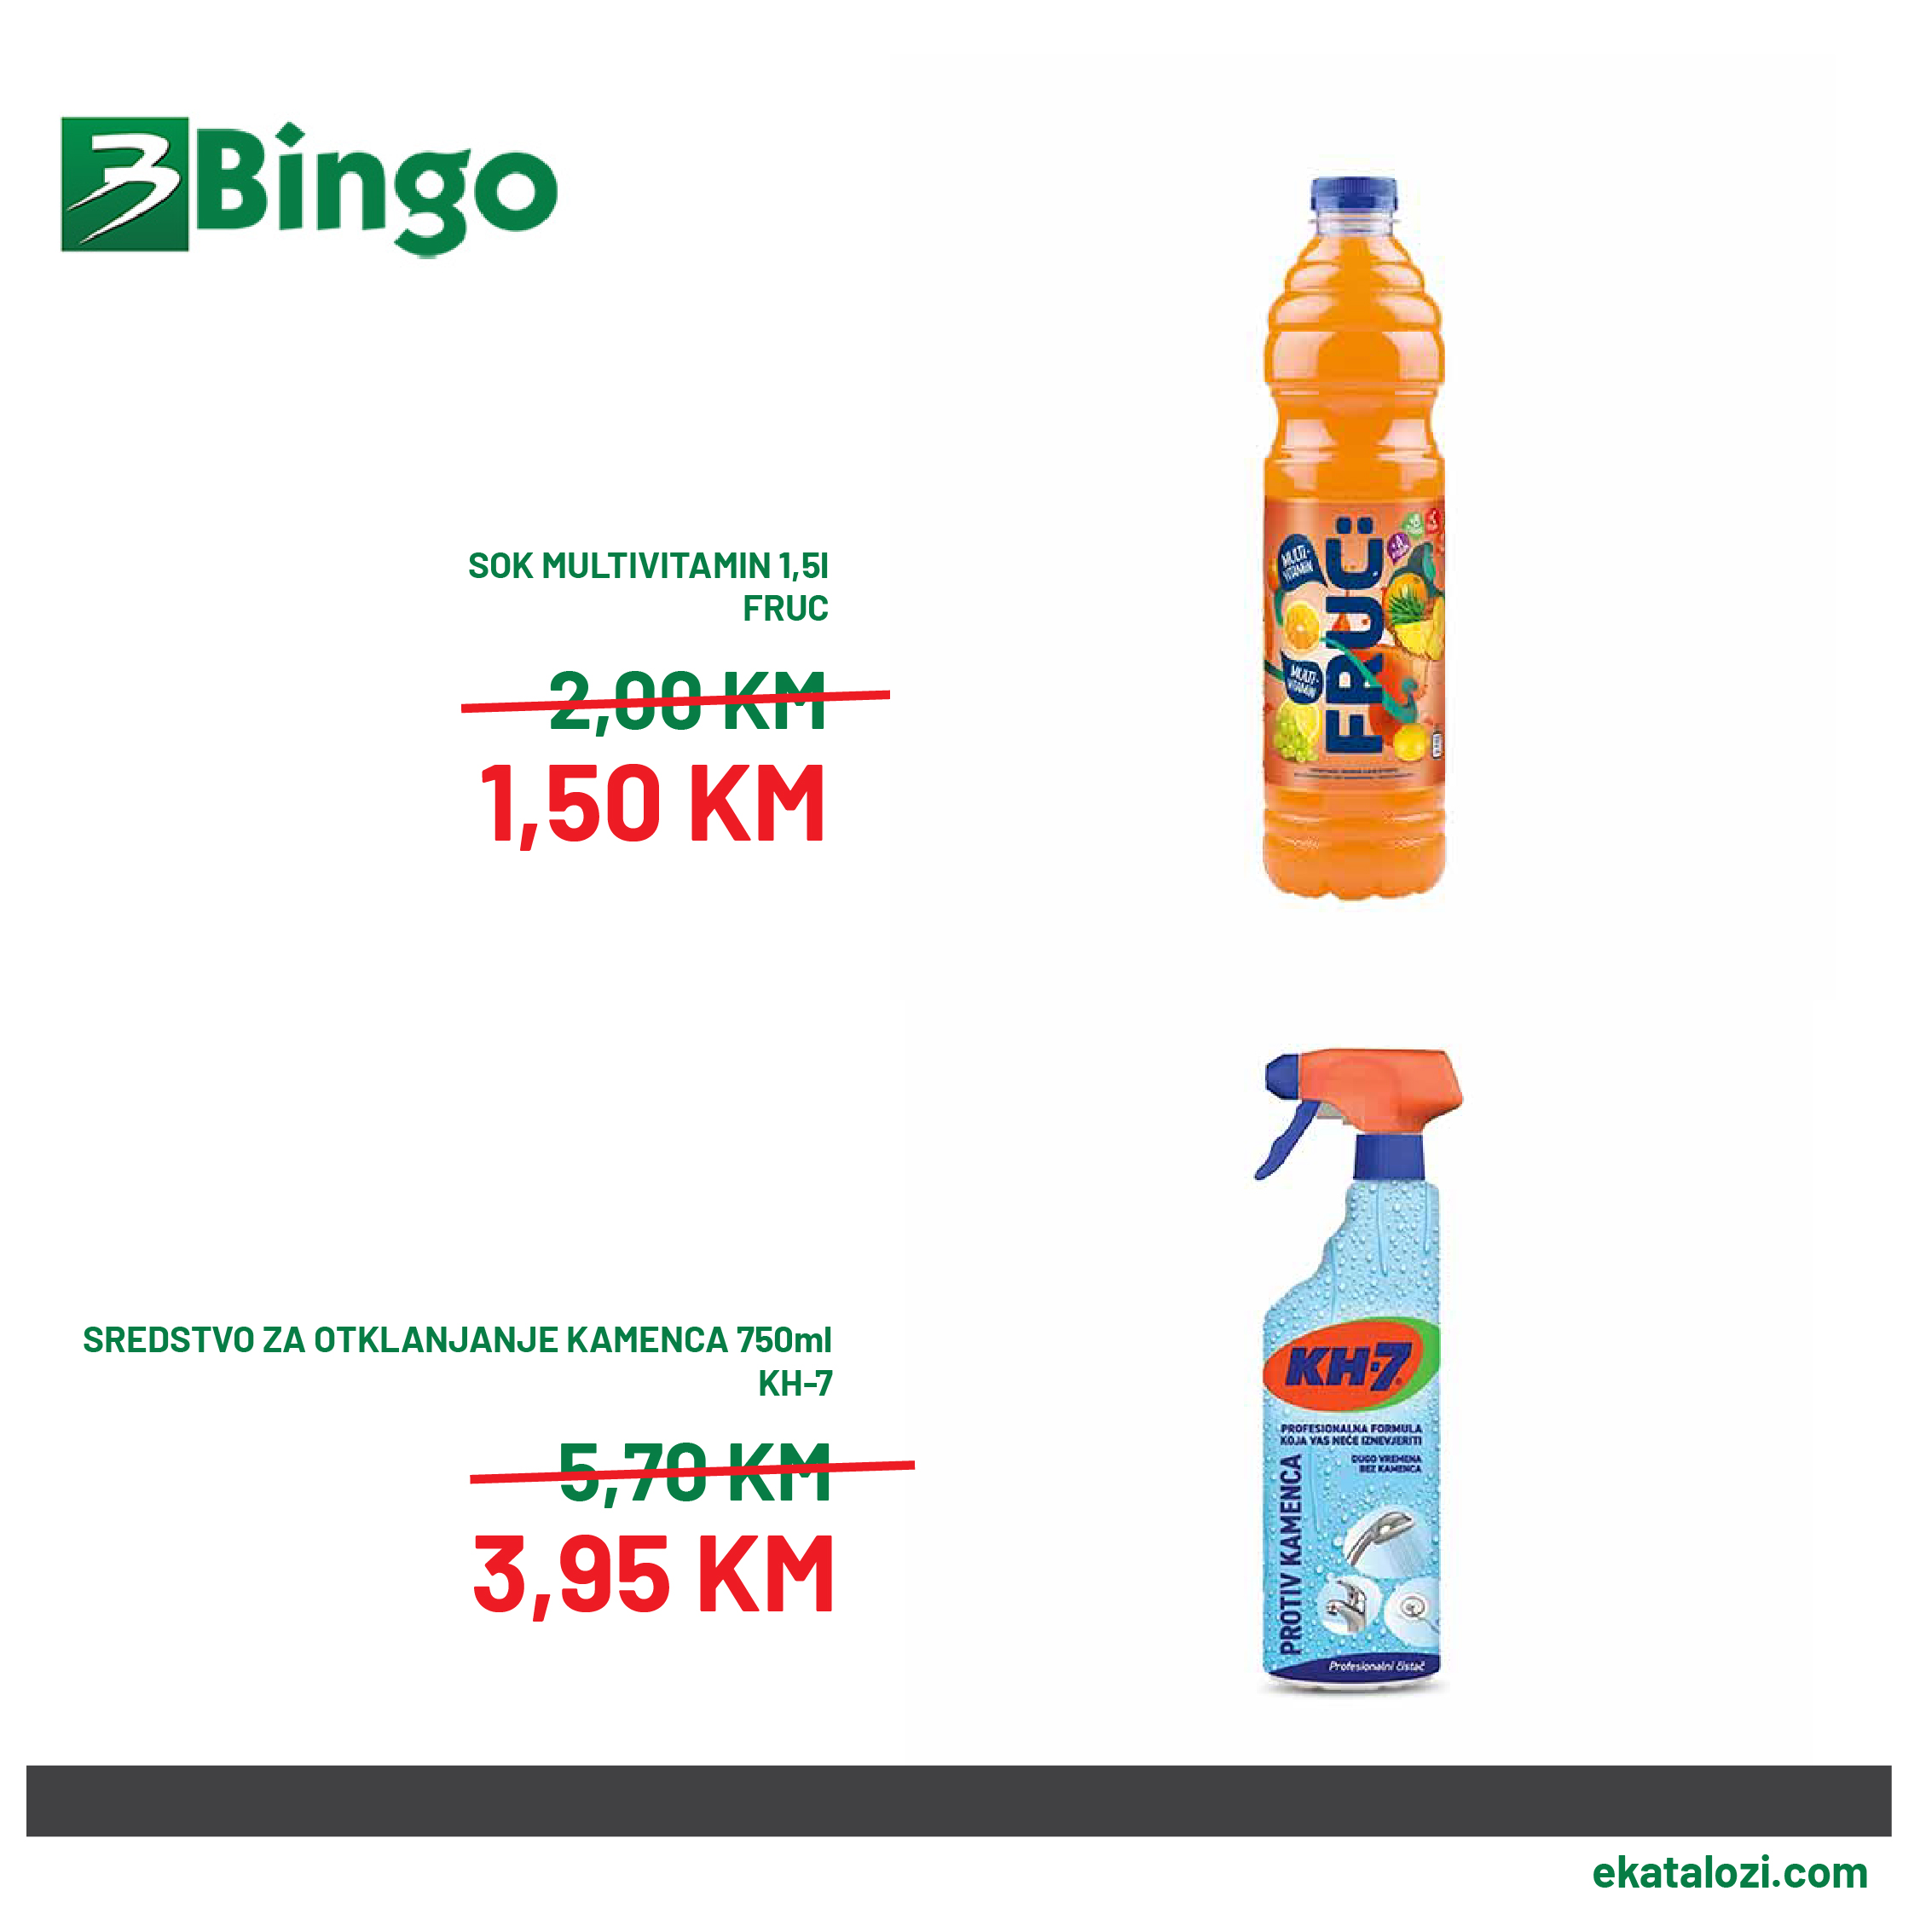 BINGO Akcija niske cijene 10.8.2021. 15.8.2021 3